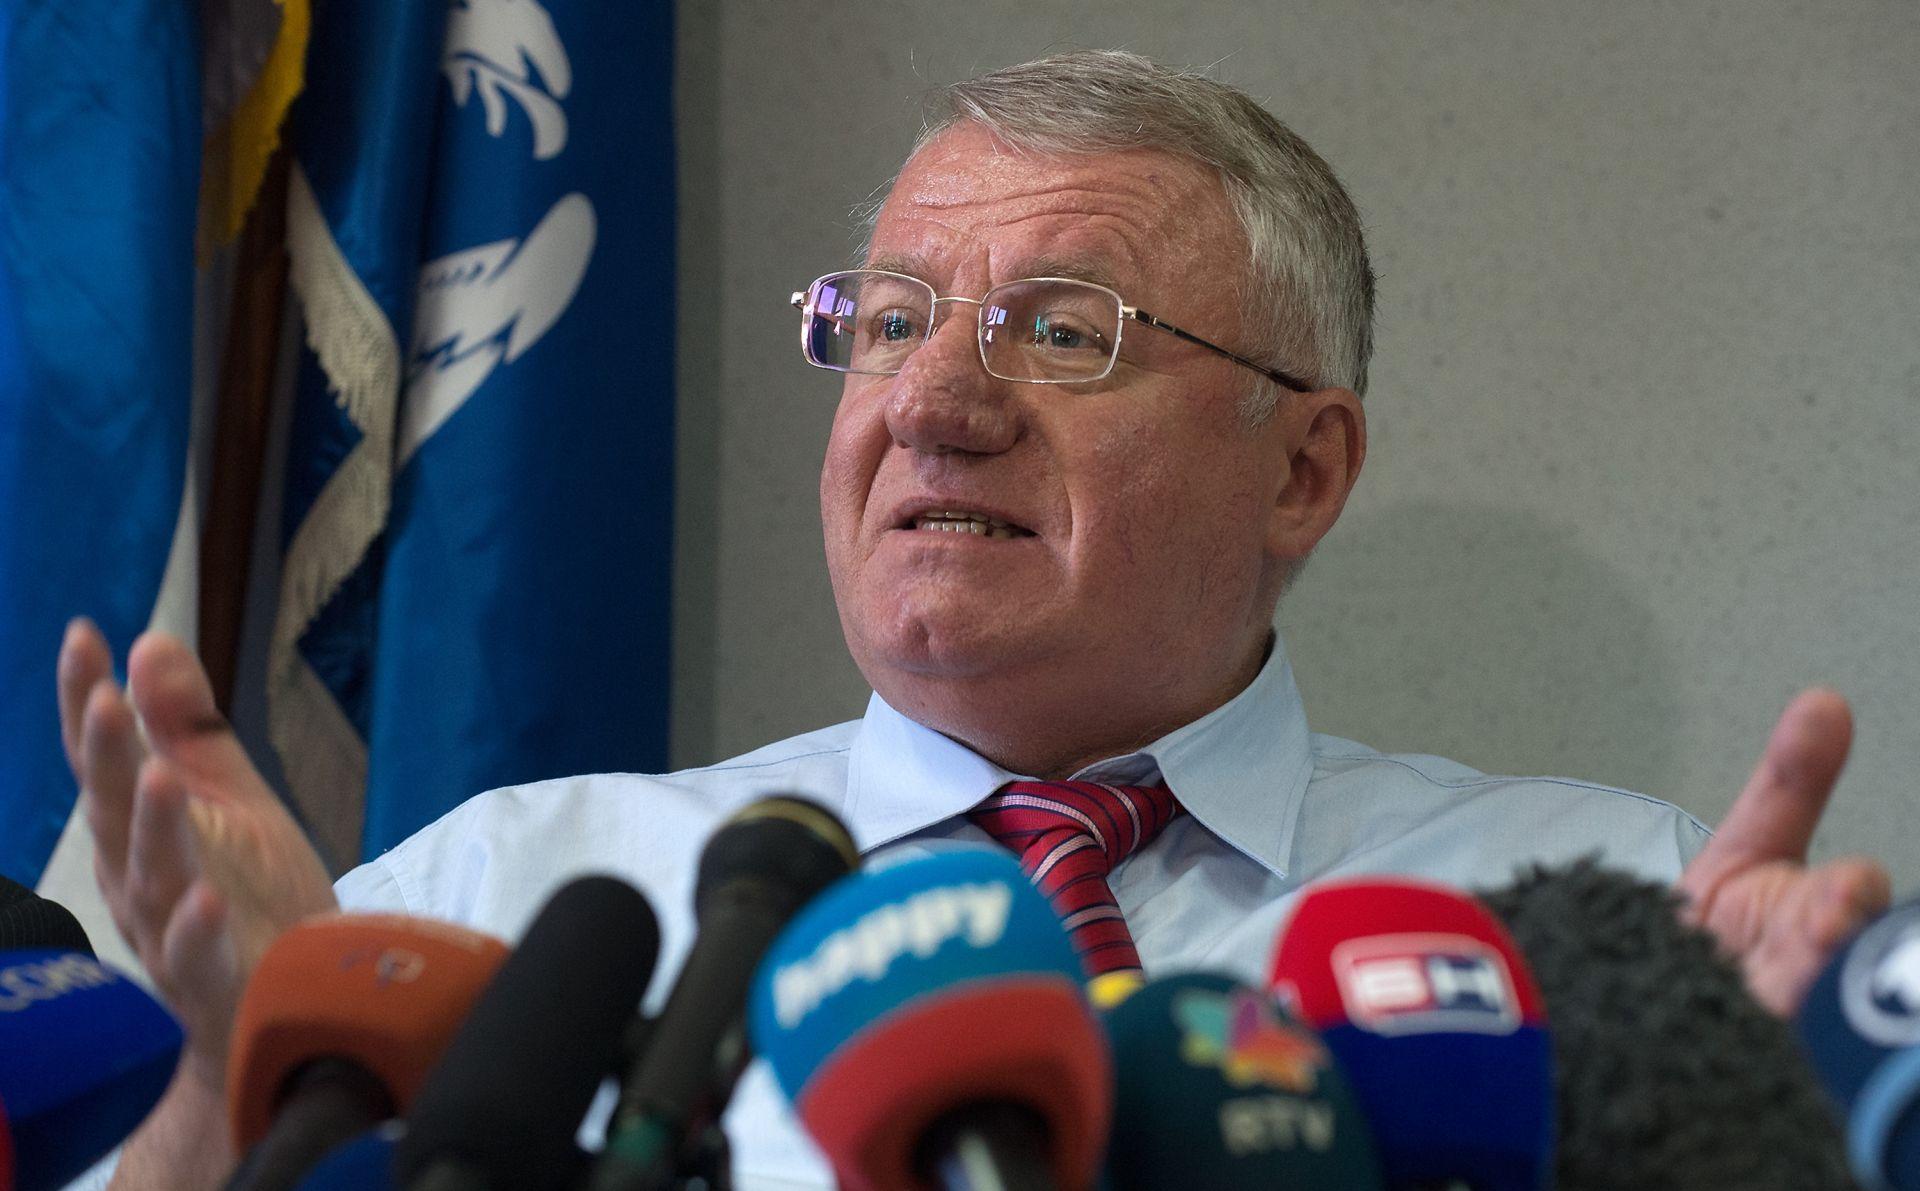 SVJETSKI MEDIJI Udarac tužiteljstvu i žrtvama; snaženje Srpske radikalne stranke